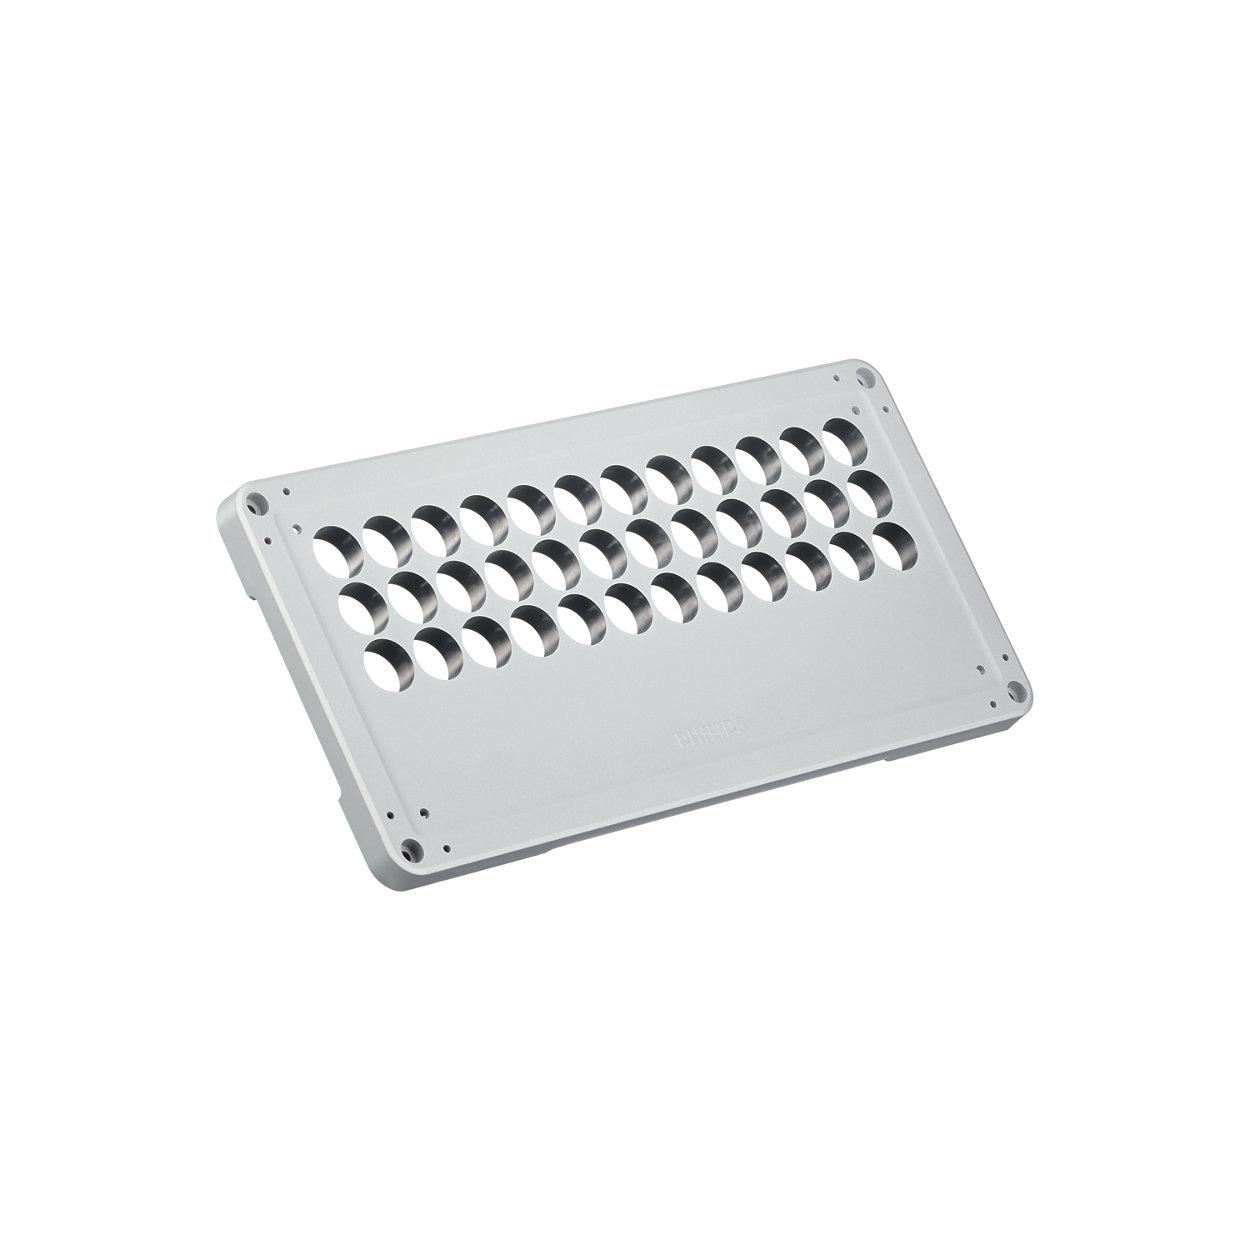 Accesorio personalizable y duradero diseñado para todas las luminarias Blast gen4